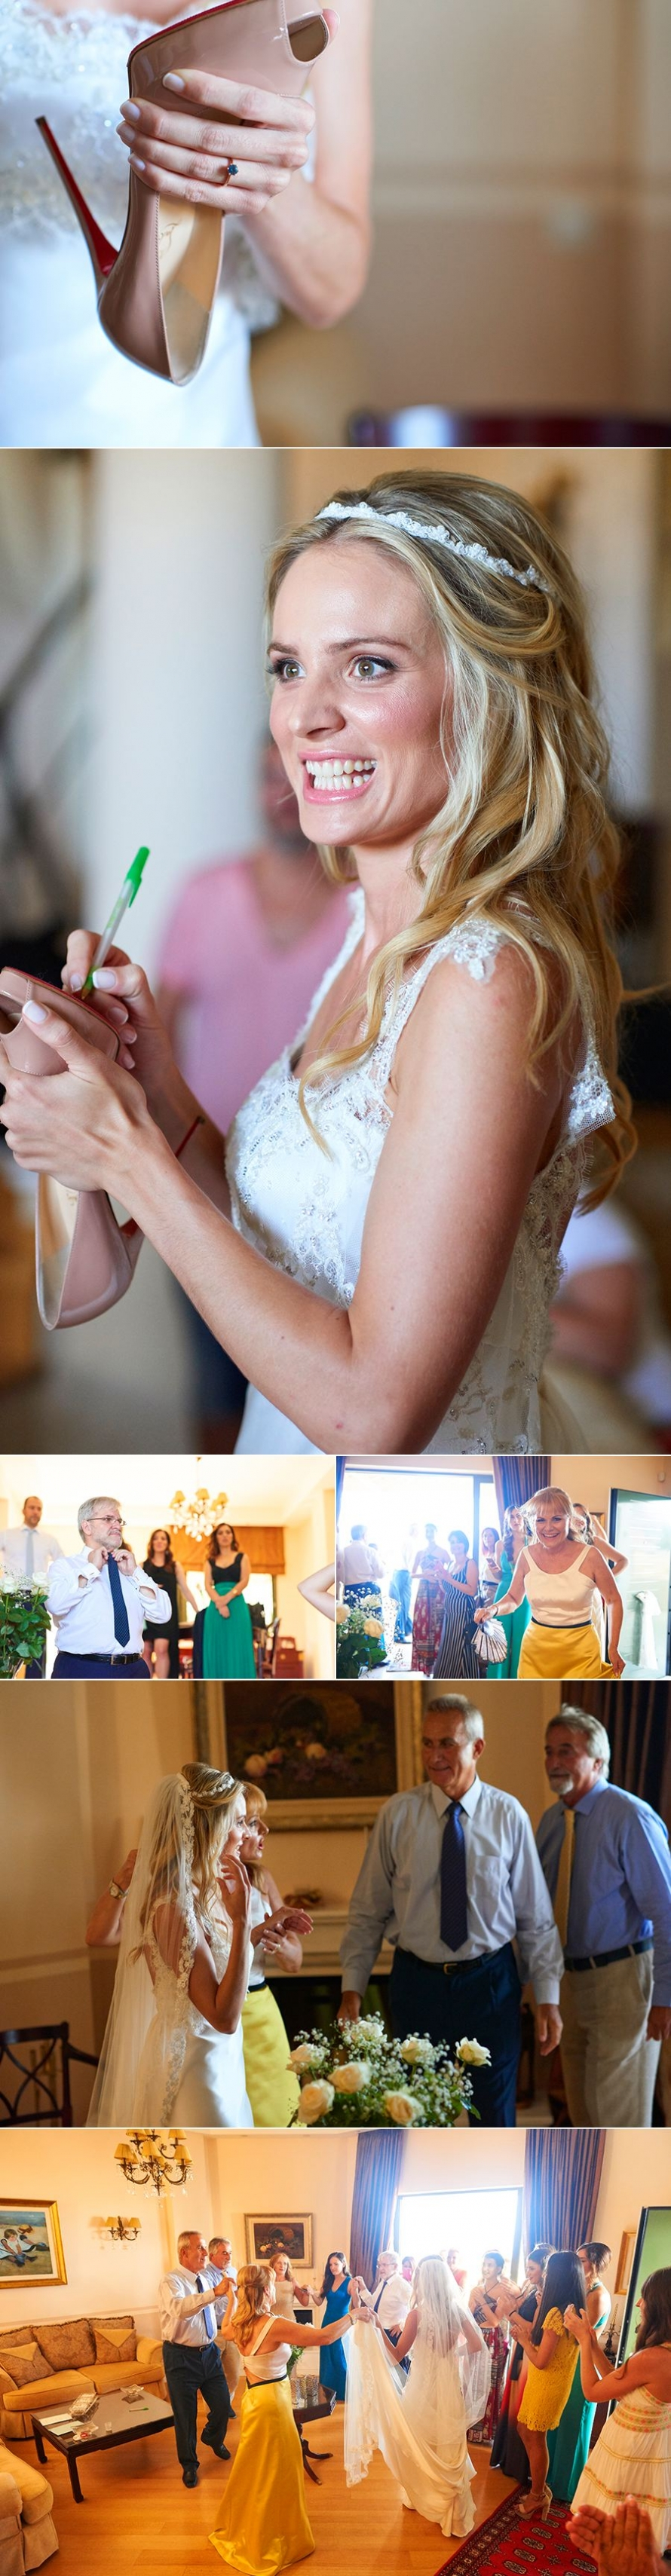 minas-georgia-wedding-photos-04